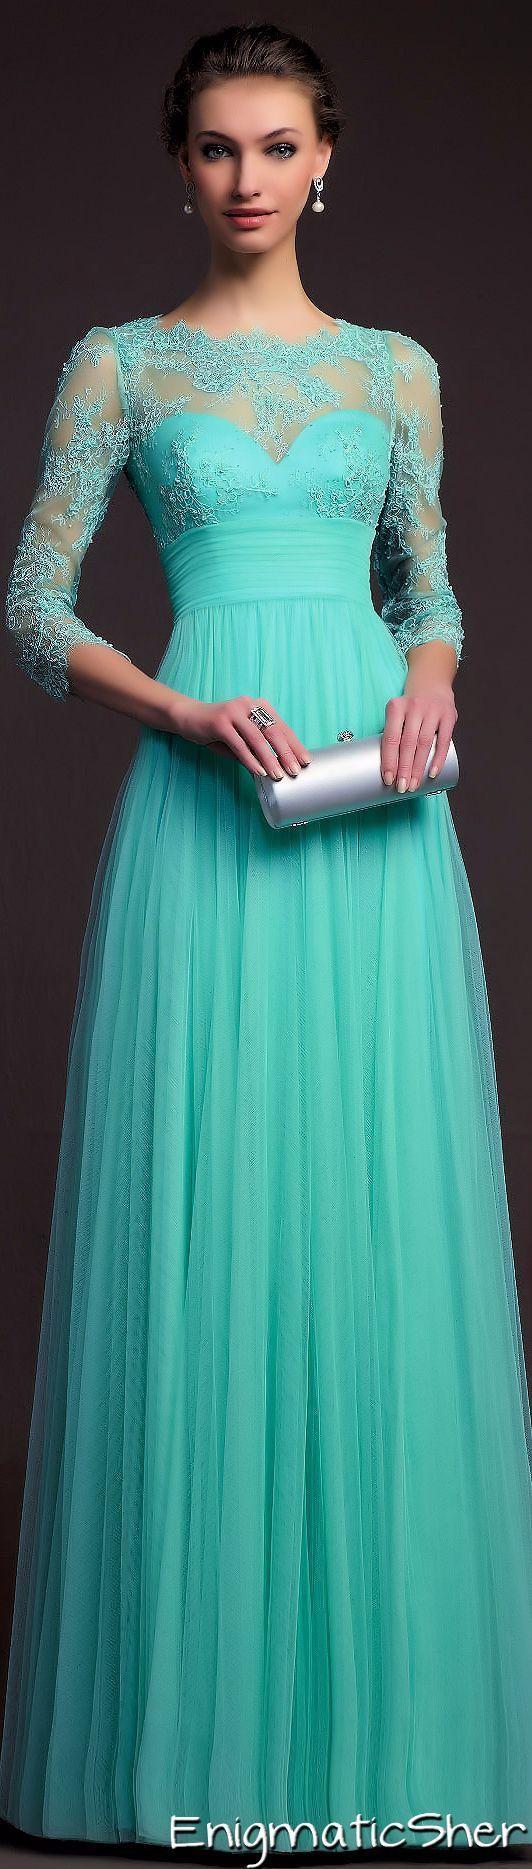 designer teal dress | Vêtements | Pinterest | Teal dresses, Teal and ...